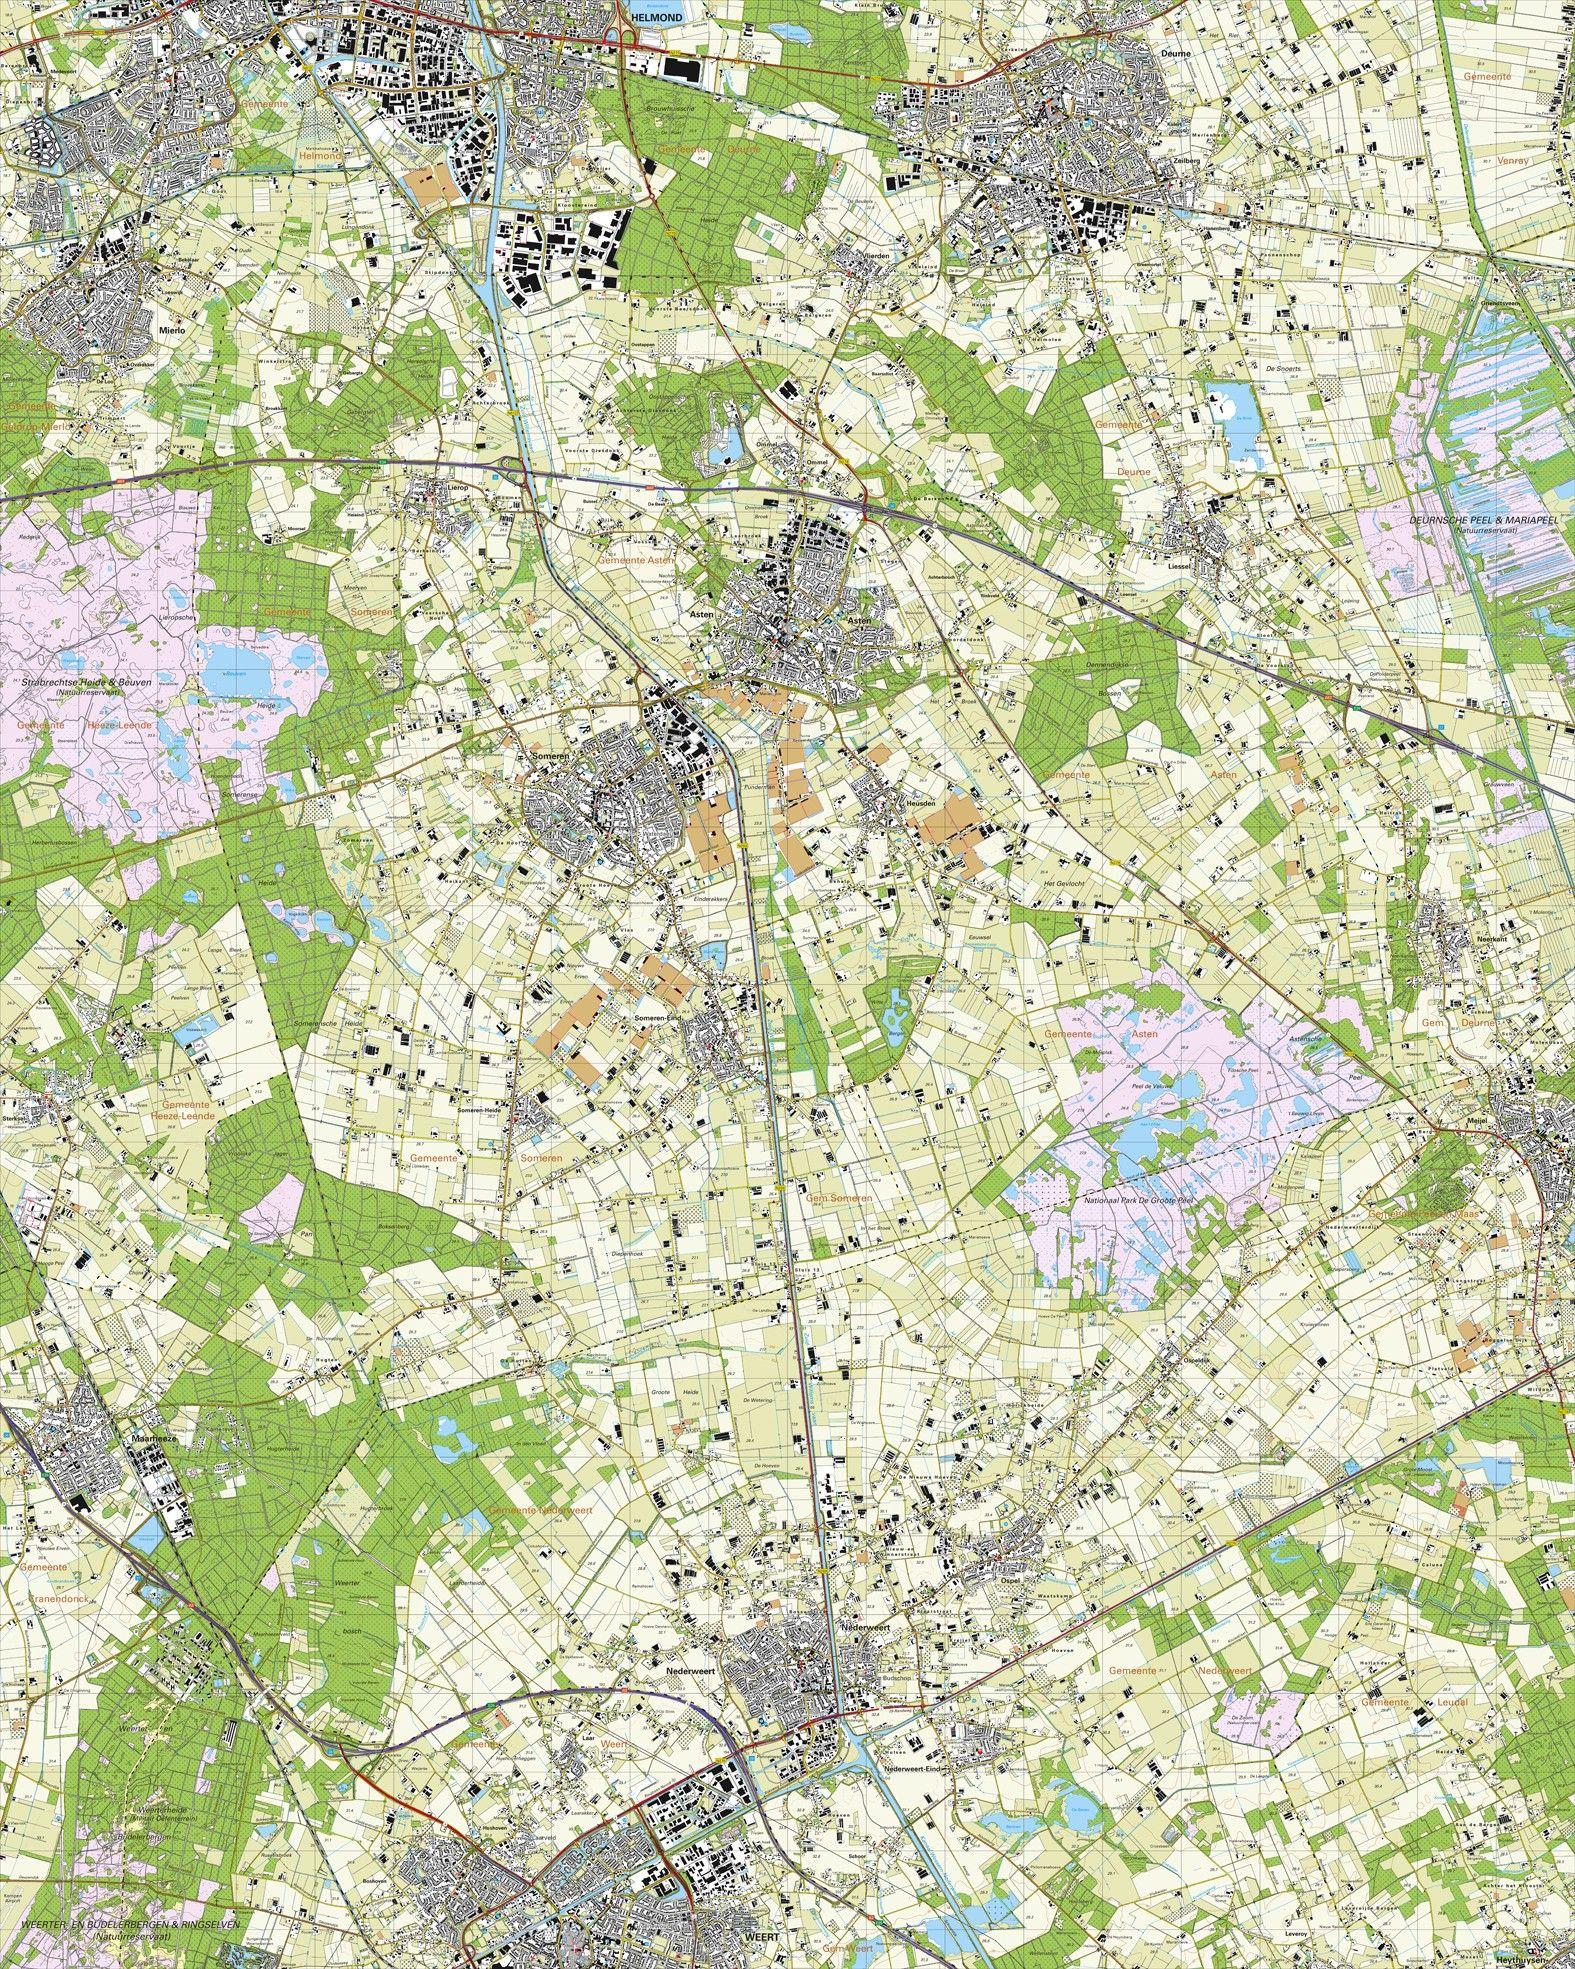 Topografische kaart schaal 1:25.000 (Helmond, Mierlo, Someren, Asten, Deurne, Weert, Maarheeze)